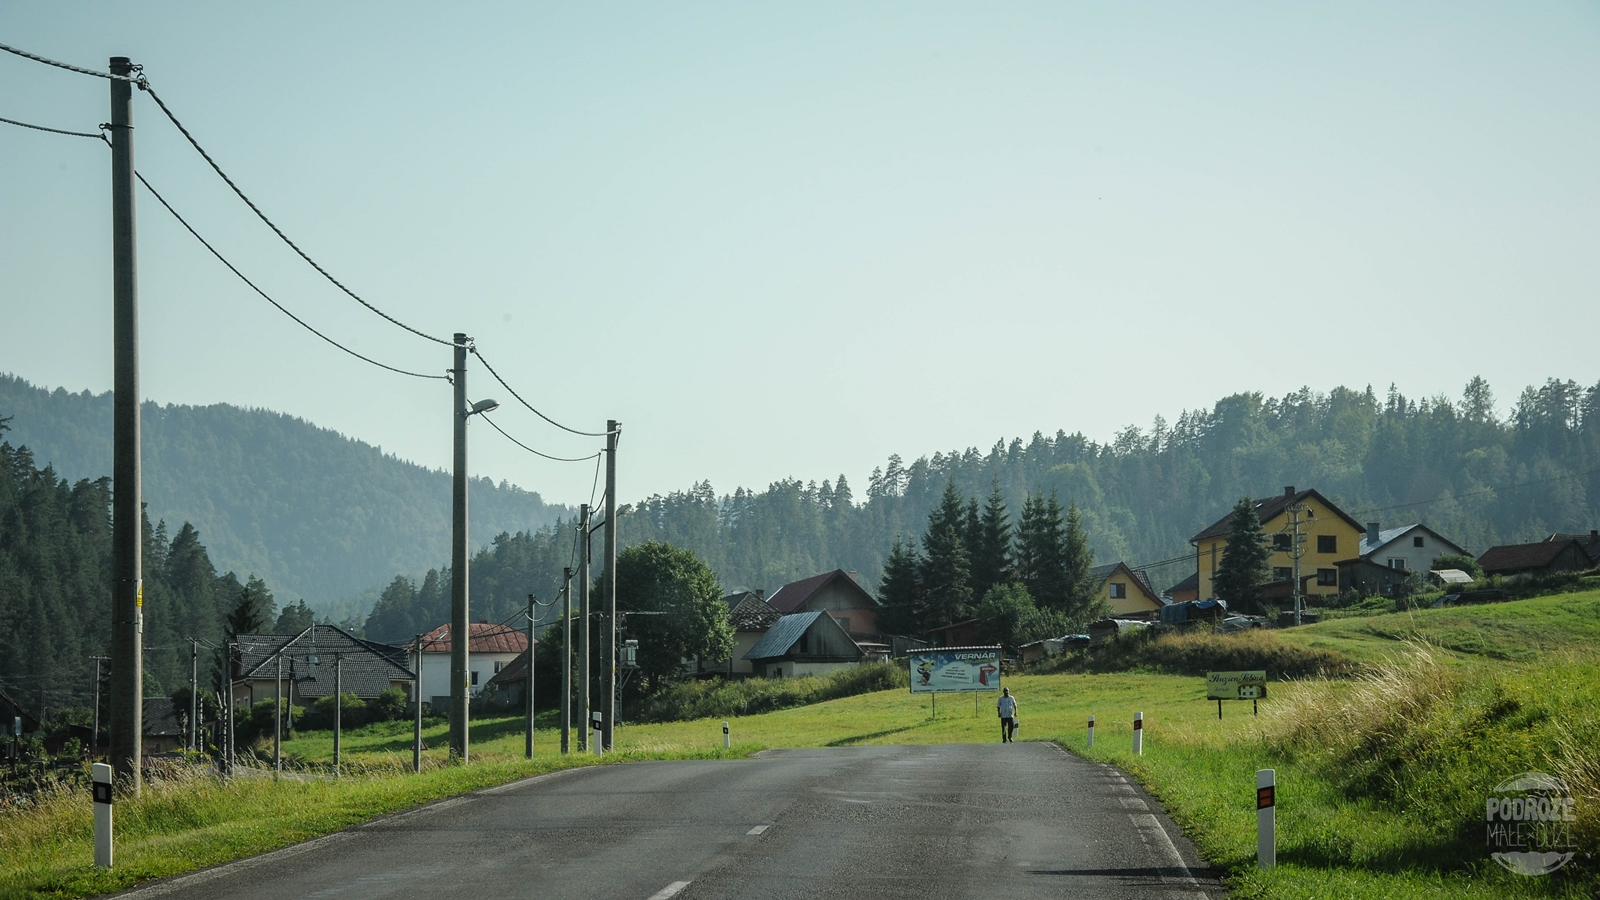 romska wieś Słowacja